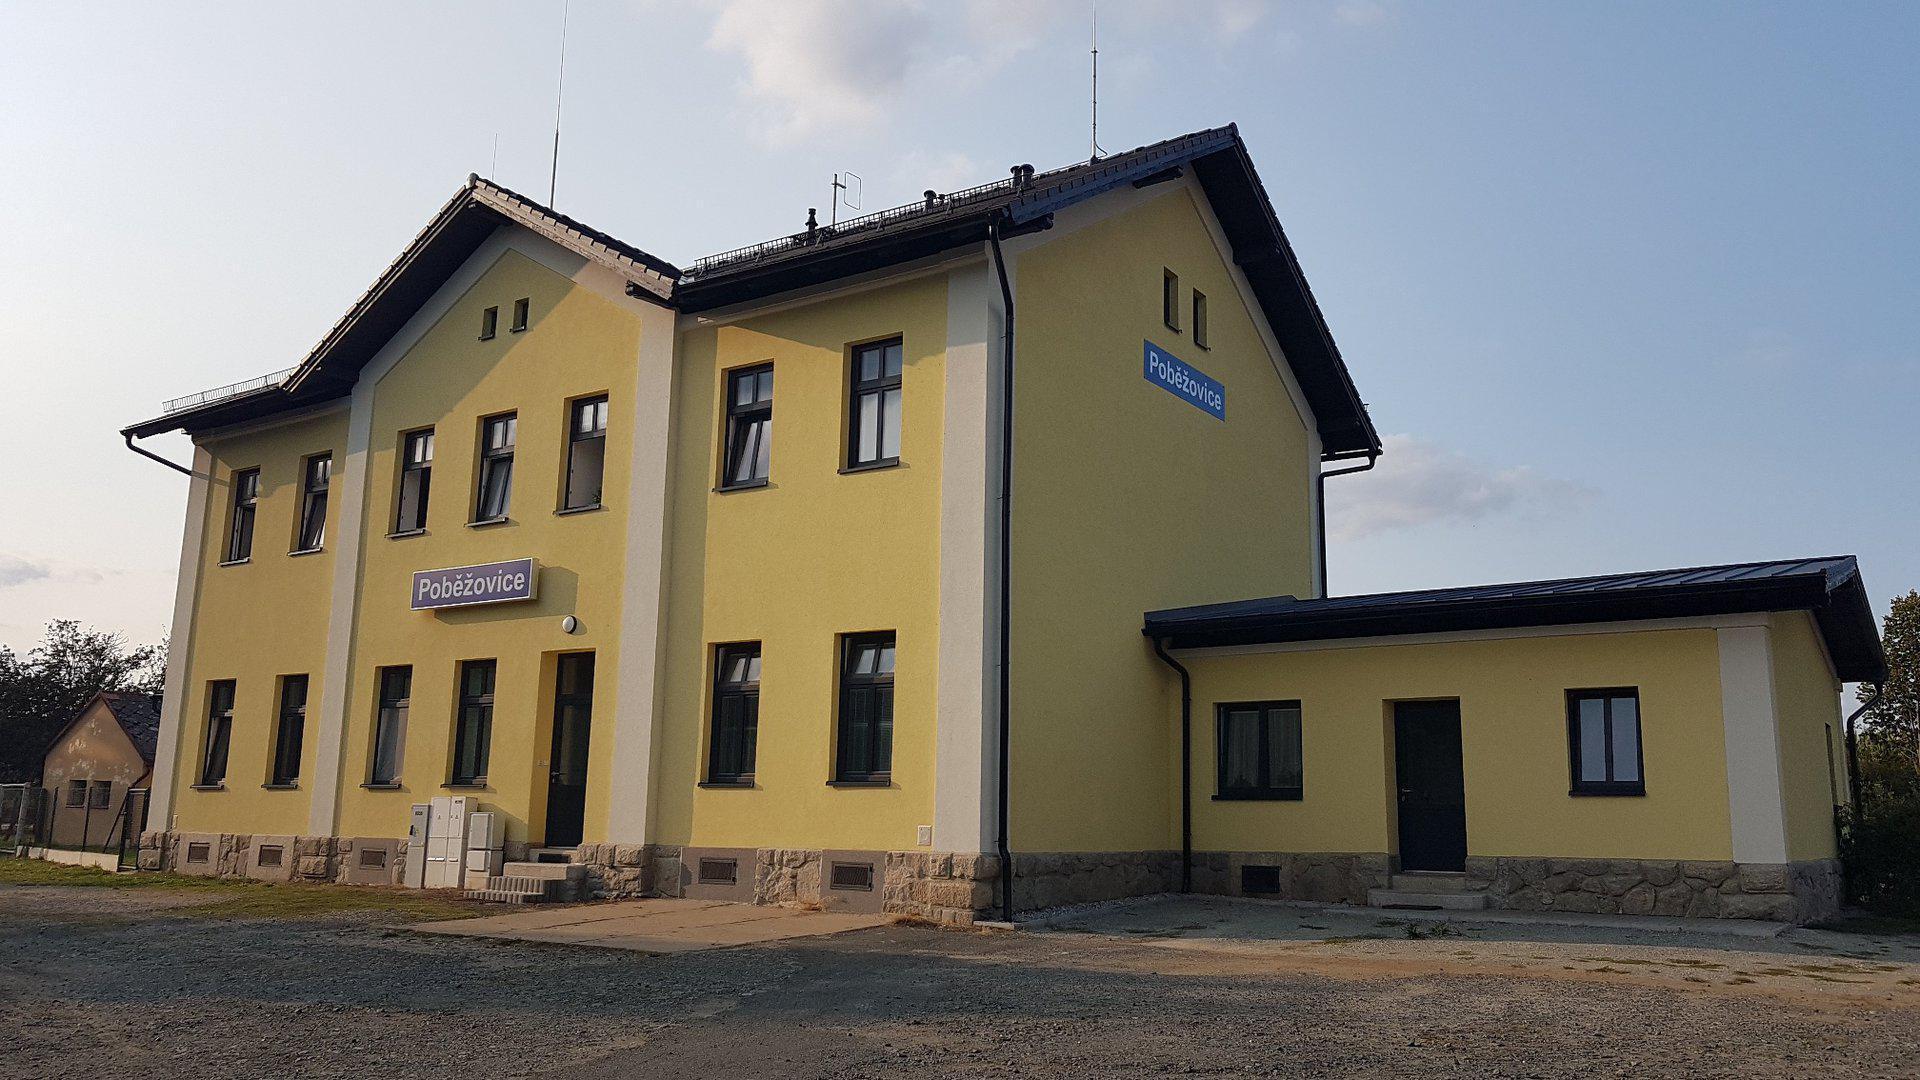 Poběžovice